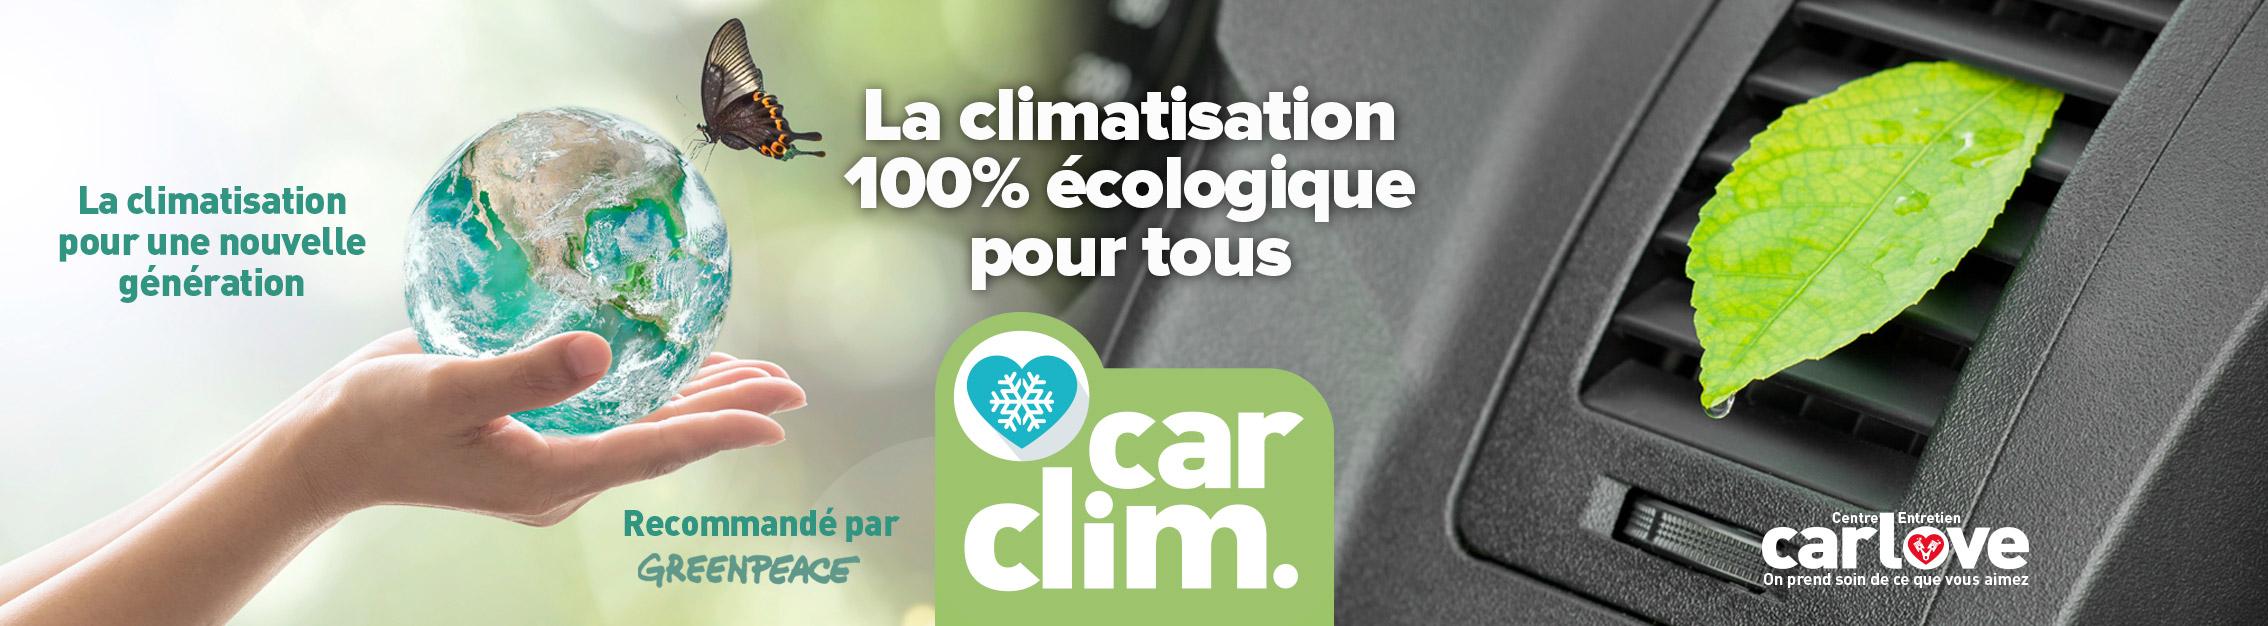 Carclim - la climatisation auto 100% écologique